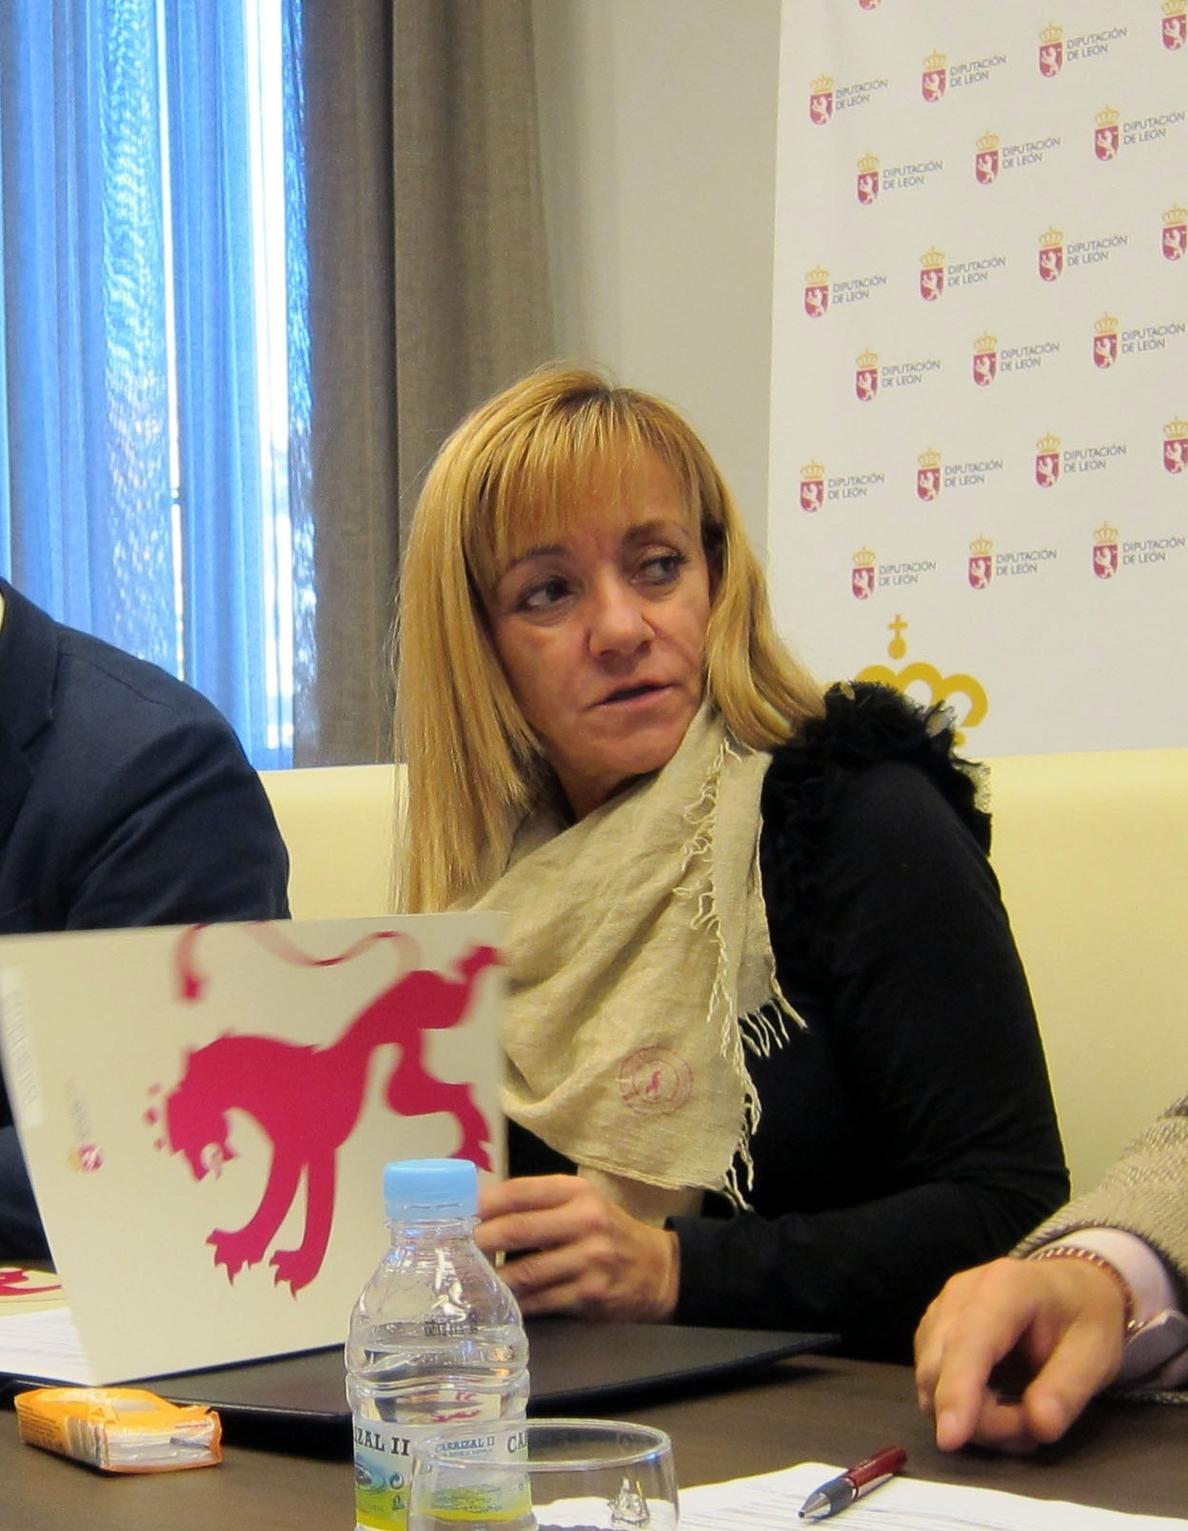 Imputado en Castellón un »tuitero» que pedía «más tiros en la cabeza» a los políticos